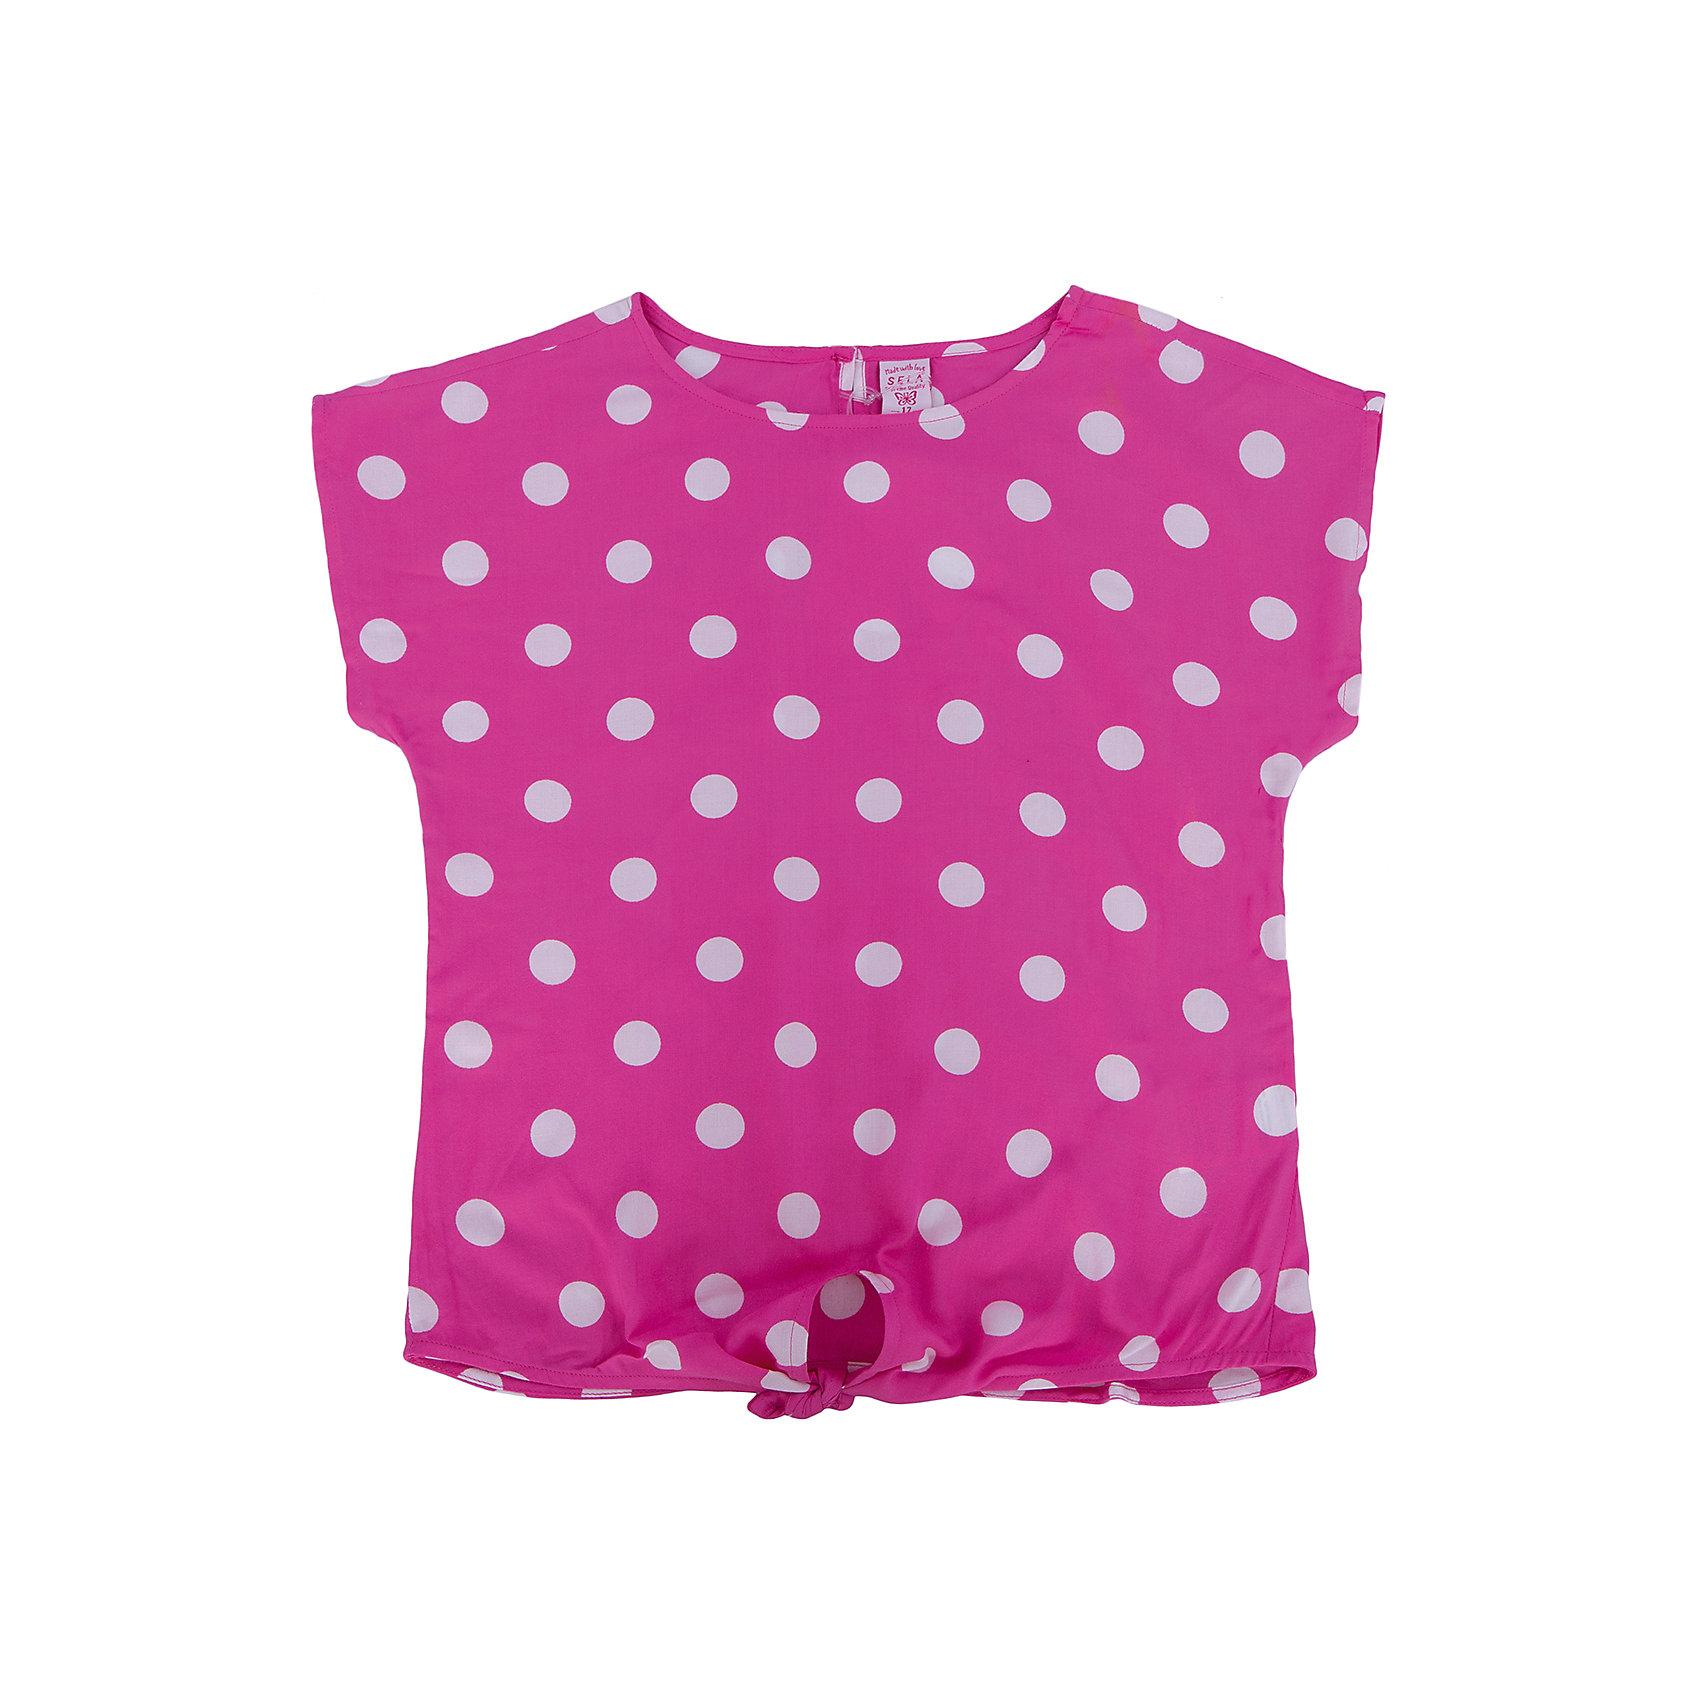 Футболка для девочки SELAФутболки, поло и топы<br>Футболка от известной марки SELА поможет разнообразить летний гардероб девочки, создать нарядный или повседневный образ. Удобный крой и качественный материал обеспечат ребенку комфорт при ношении этой вещи. <br>Горловина изделия - круглая, широкая, на фигуре остается спущенным одно плечо. Силуэт - стильный,  свободный. Приятная на ощупь ткань не вызывает аллергии.<br><br>Дополнительная информация:<br><br>материал: 100% вискоза;<br>цвет: розовый;<br>длина укороченная;<br>рукав спущенное плечо;<br>силуэт свободный;<br>уход за изделием: стирка в машине при температуре до 30°С, не отбеливать, гладить при низкой температуре.<br><br>Блузку от бренда SELА (Села) можно купить в нашем магазине.<br><br>Ширина мм: 186<br>Глубина мм: 87<br>Высота мм: 198<br>Вес г: 197<br>Цвет: розовый<br>Возраст от месяцев: 132<br>Возраст до месяцев: 144<br>Пол: Женский<br>Возраст: Детский<br>Размер: 152,116,122,128,134,140,146<br>SKU: 4741563